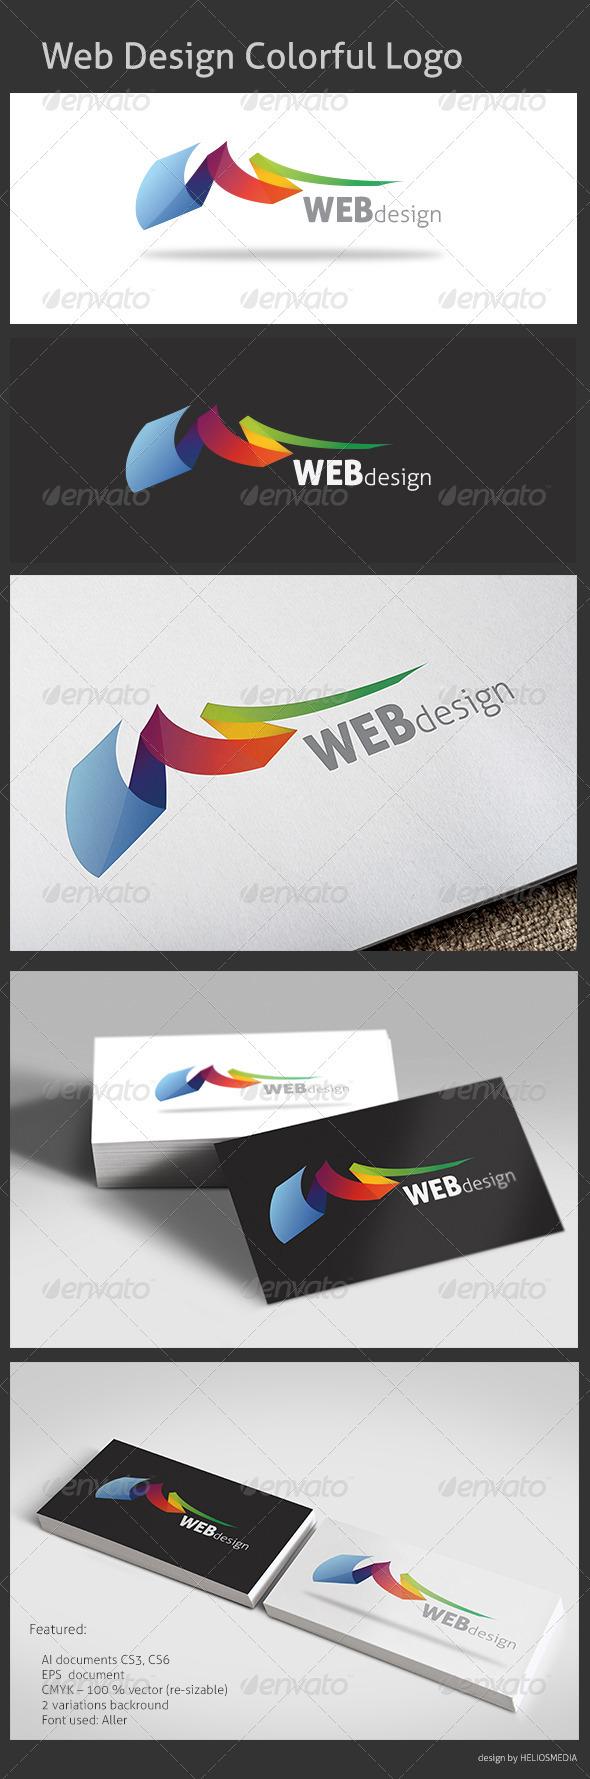 Web Design Colorful Logo - Abstract Logo Templates